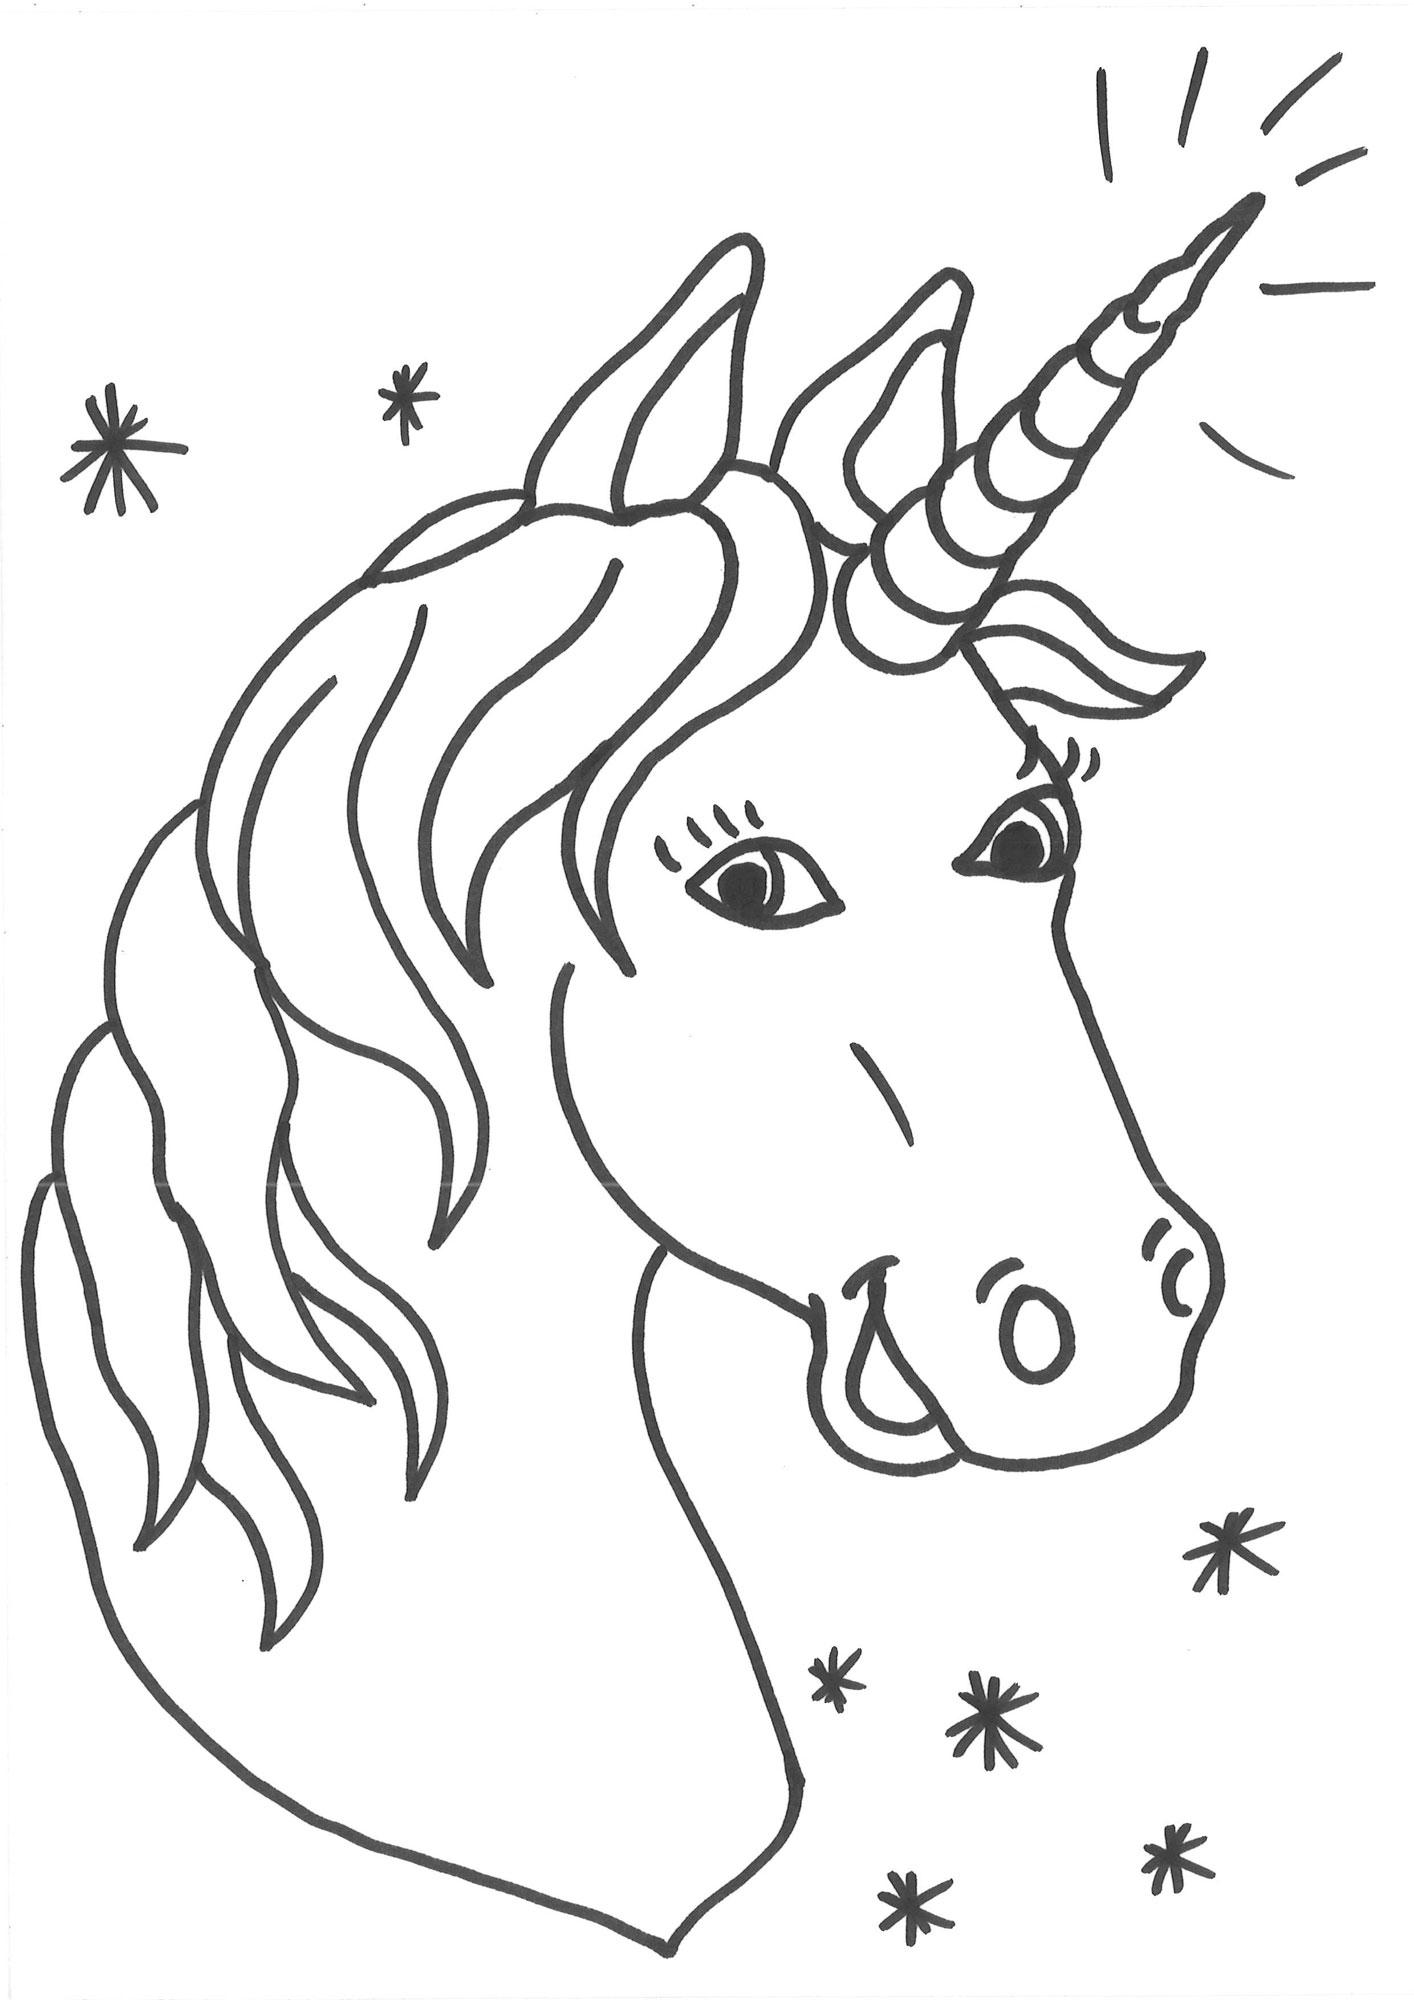 Ausmalbild Einhörner: Malvorlage Einhorn Kostenlos Ausdrucken verwandt mit Ausmalbilder Einhorn